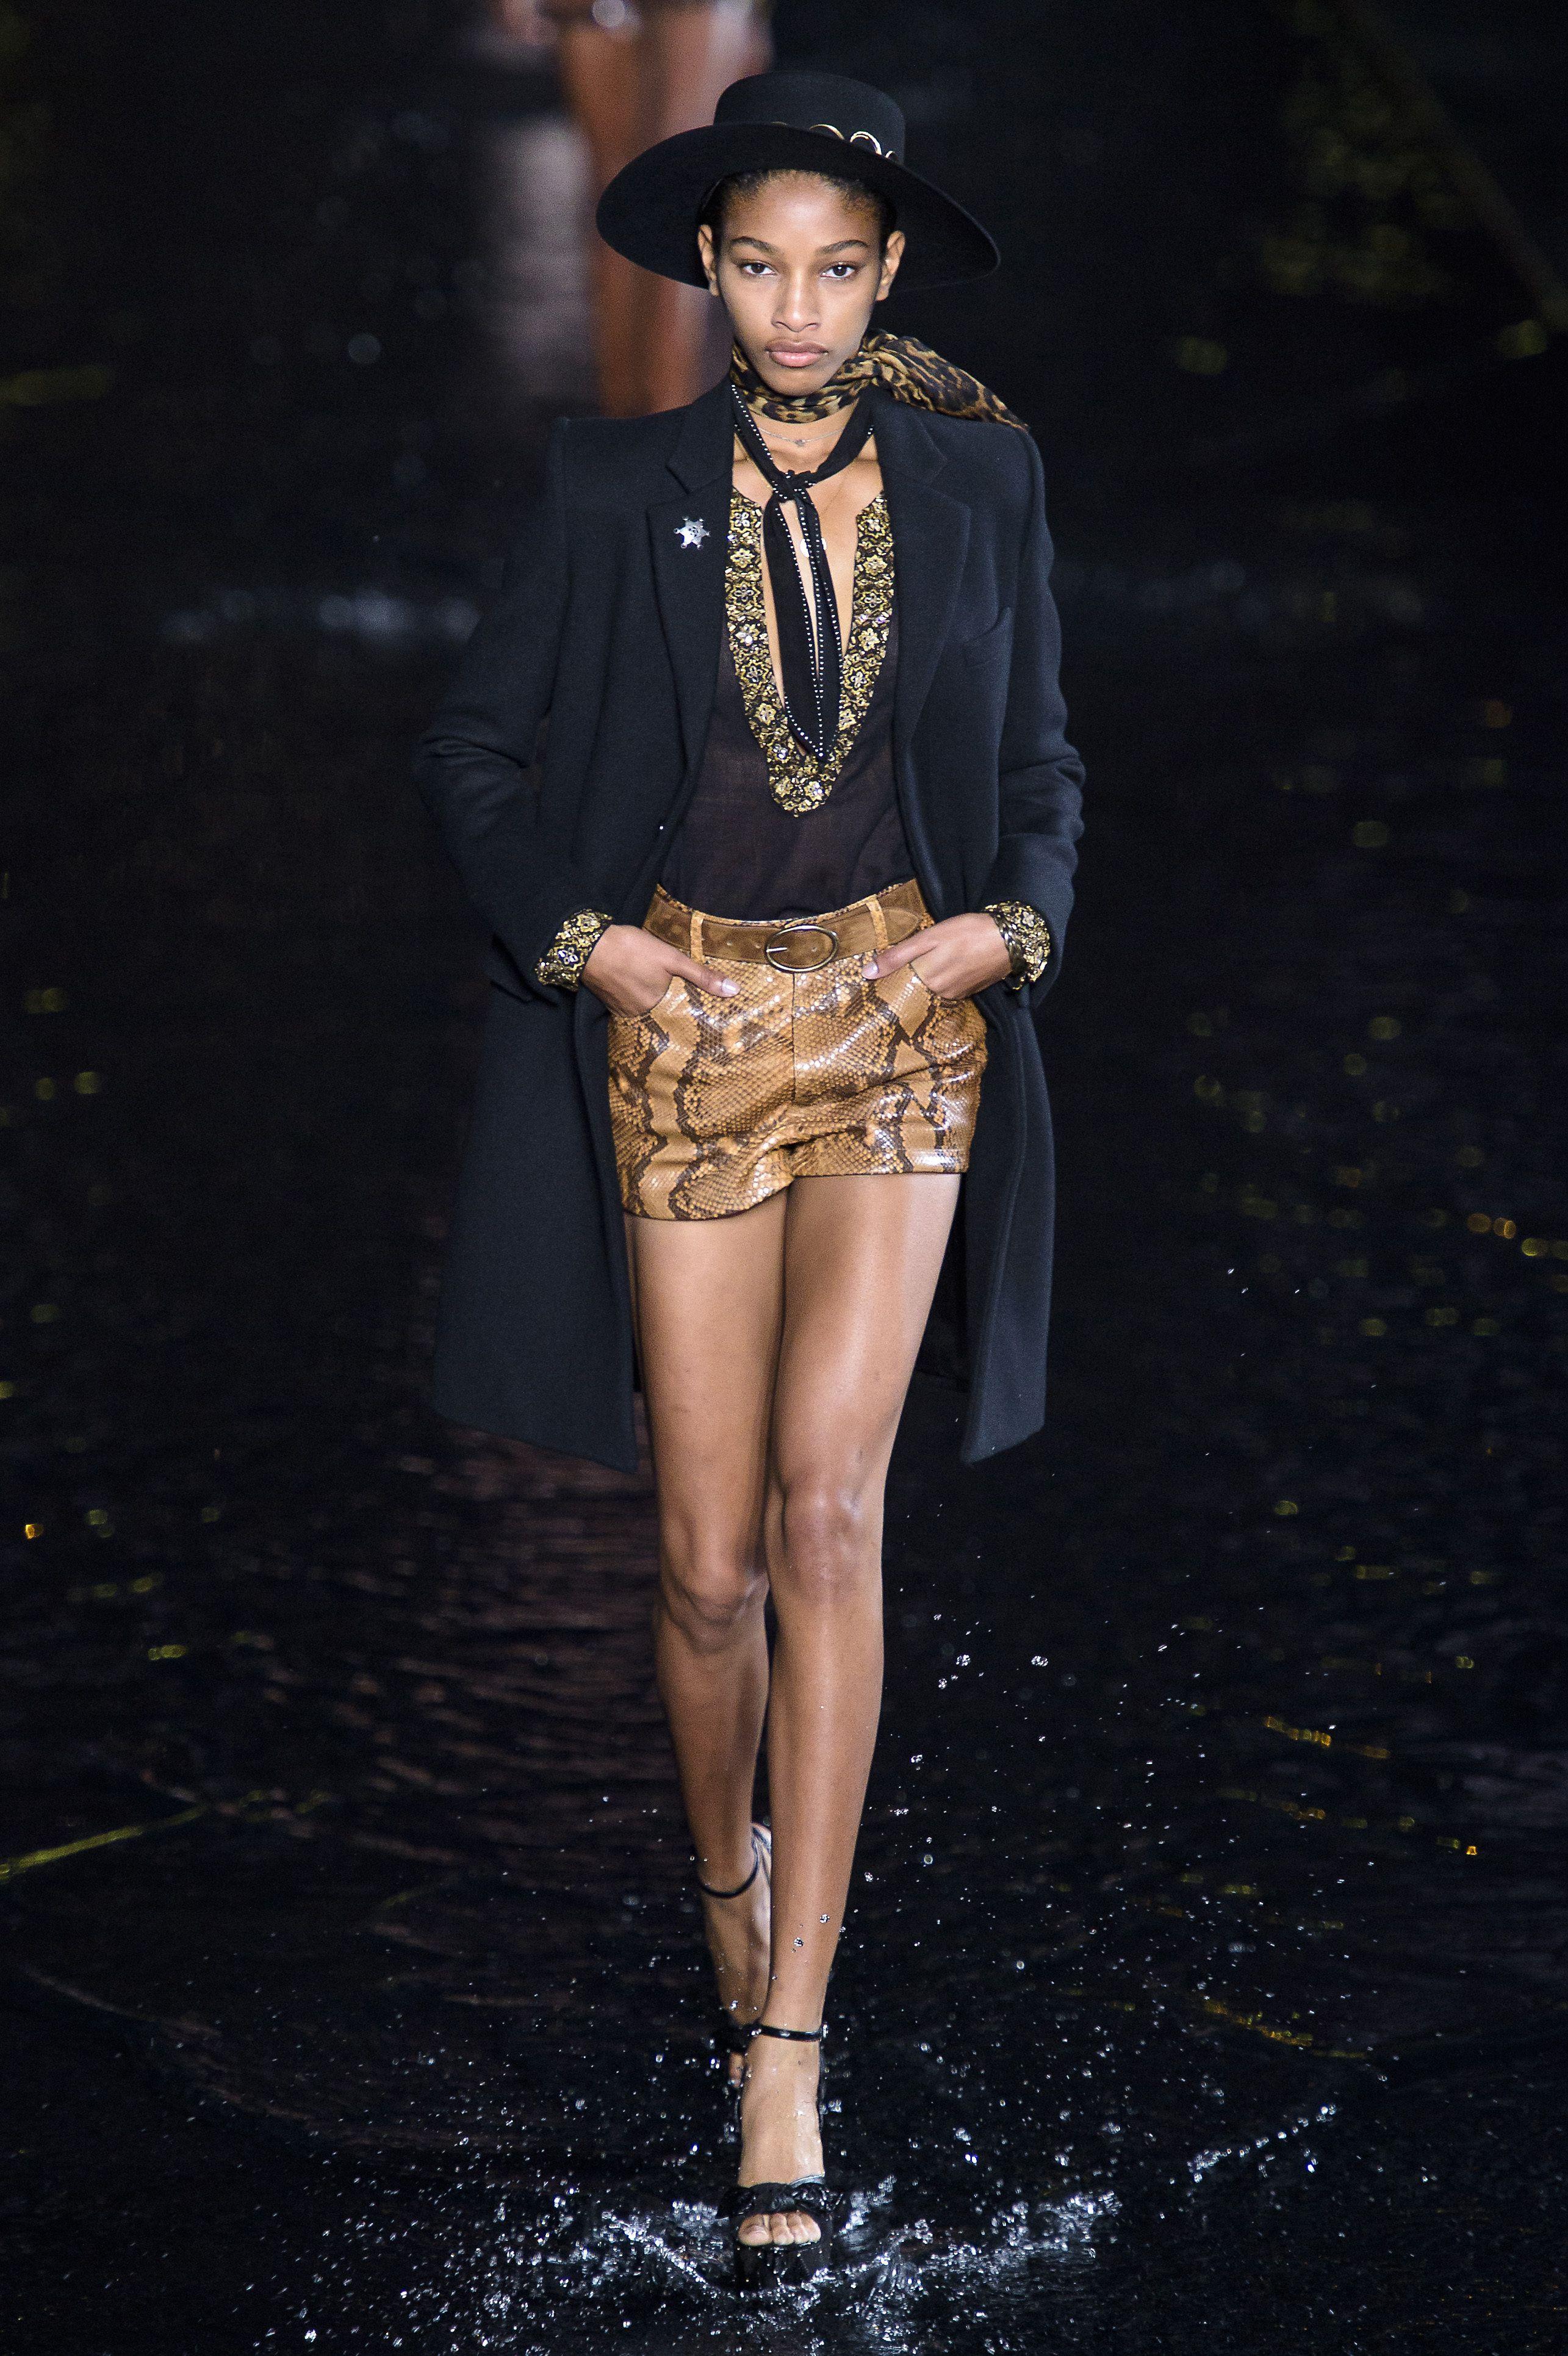 ec8f930a4f5 Défilé Saint Laurent Prêt-à-porter printemps-été 2019 Femmes Womenswear  Saint Laurent SS19 Paris Fashion Week